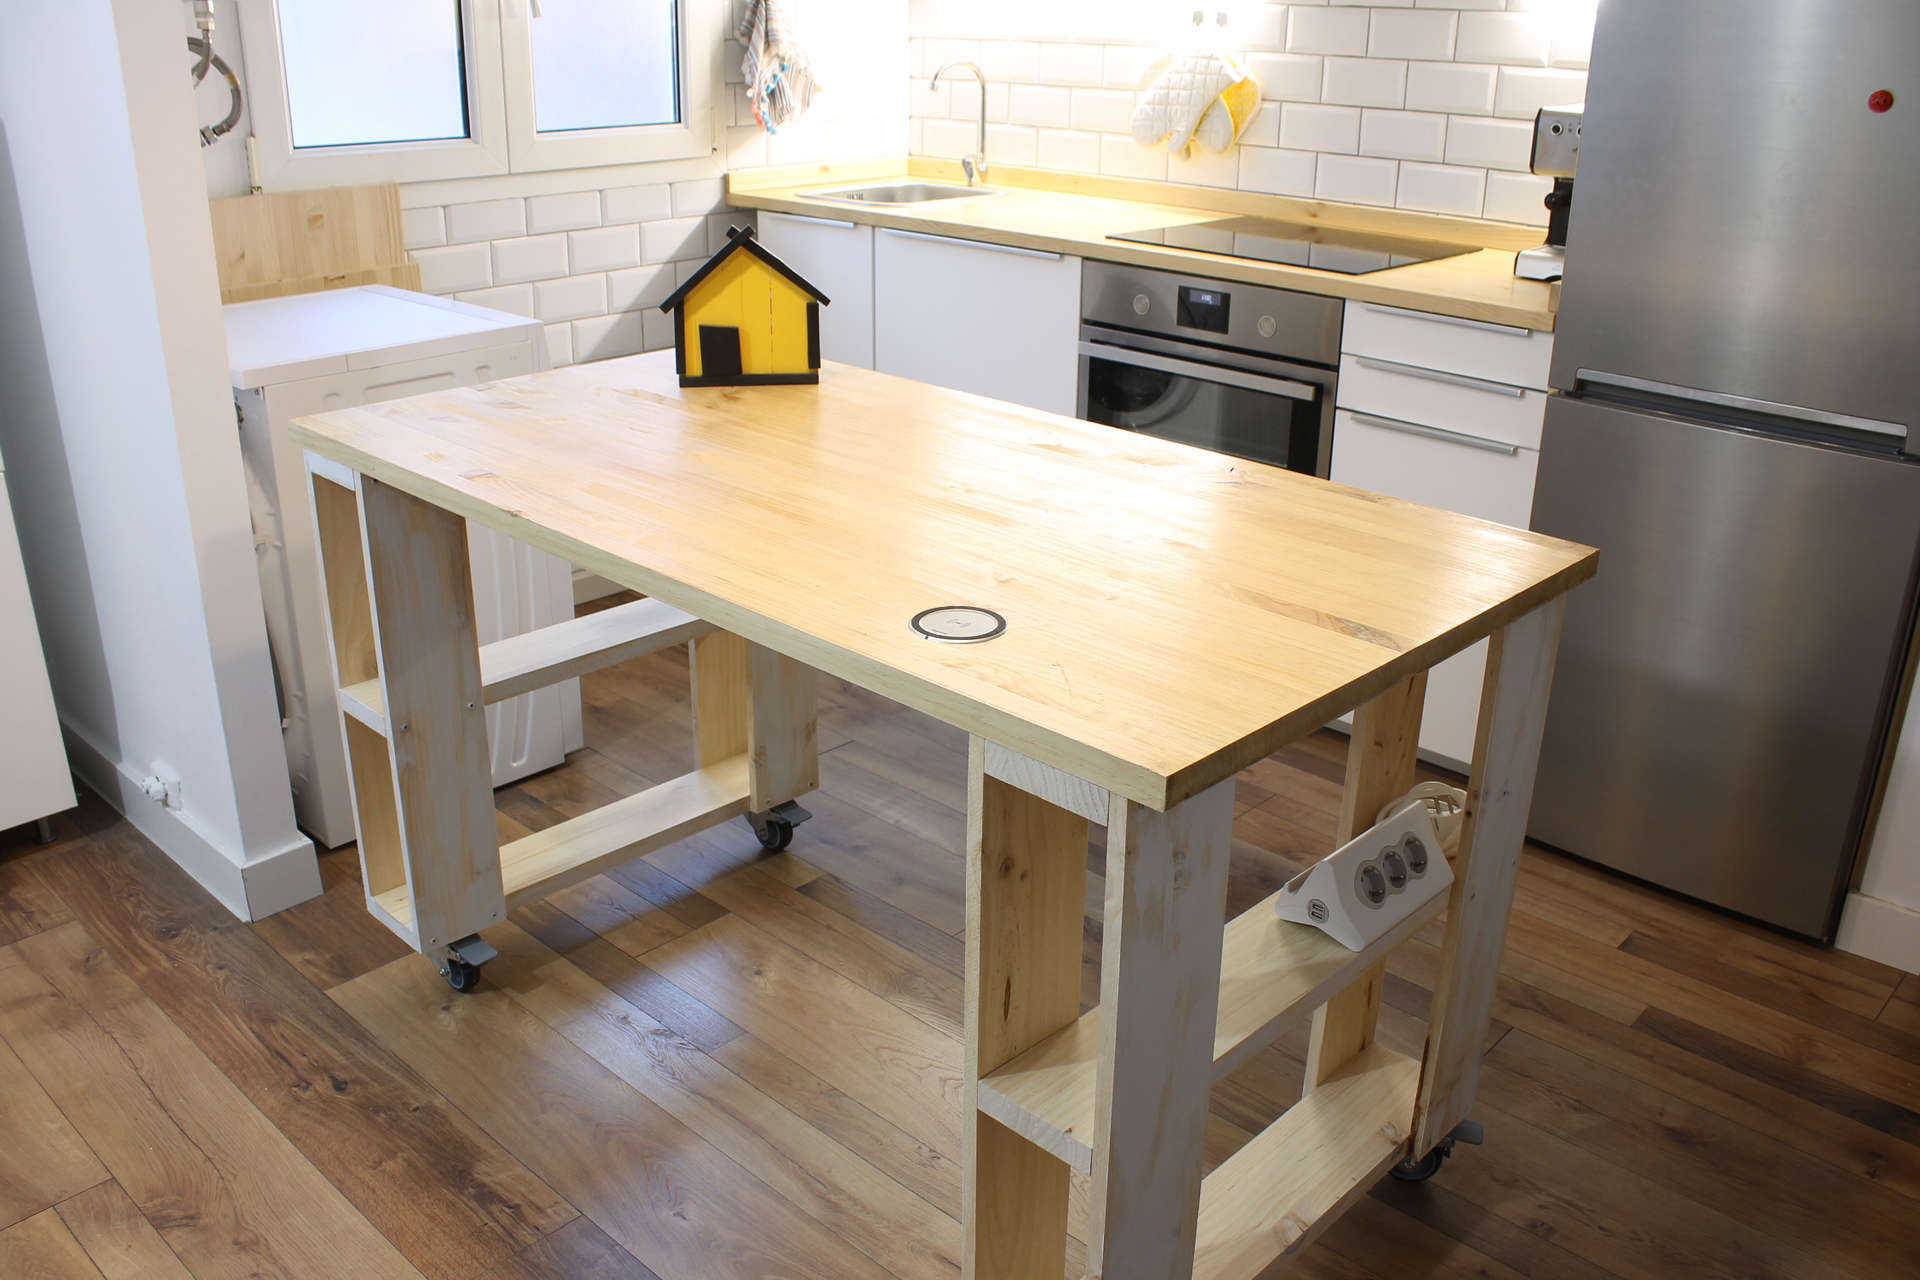 Isla de cocina paso a paso mi hogar mejor - Islas de cocina moviles ...